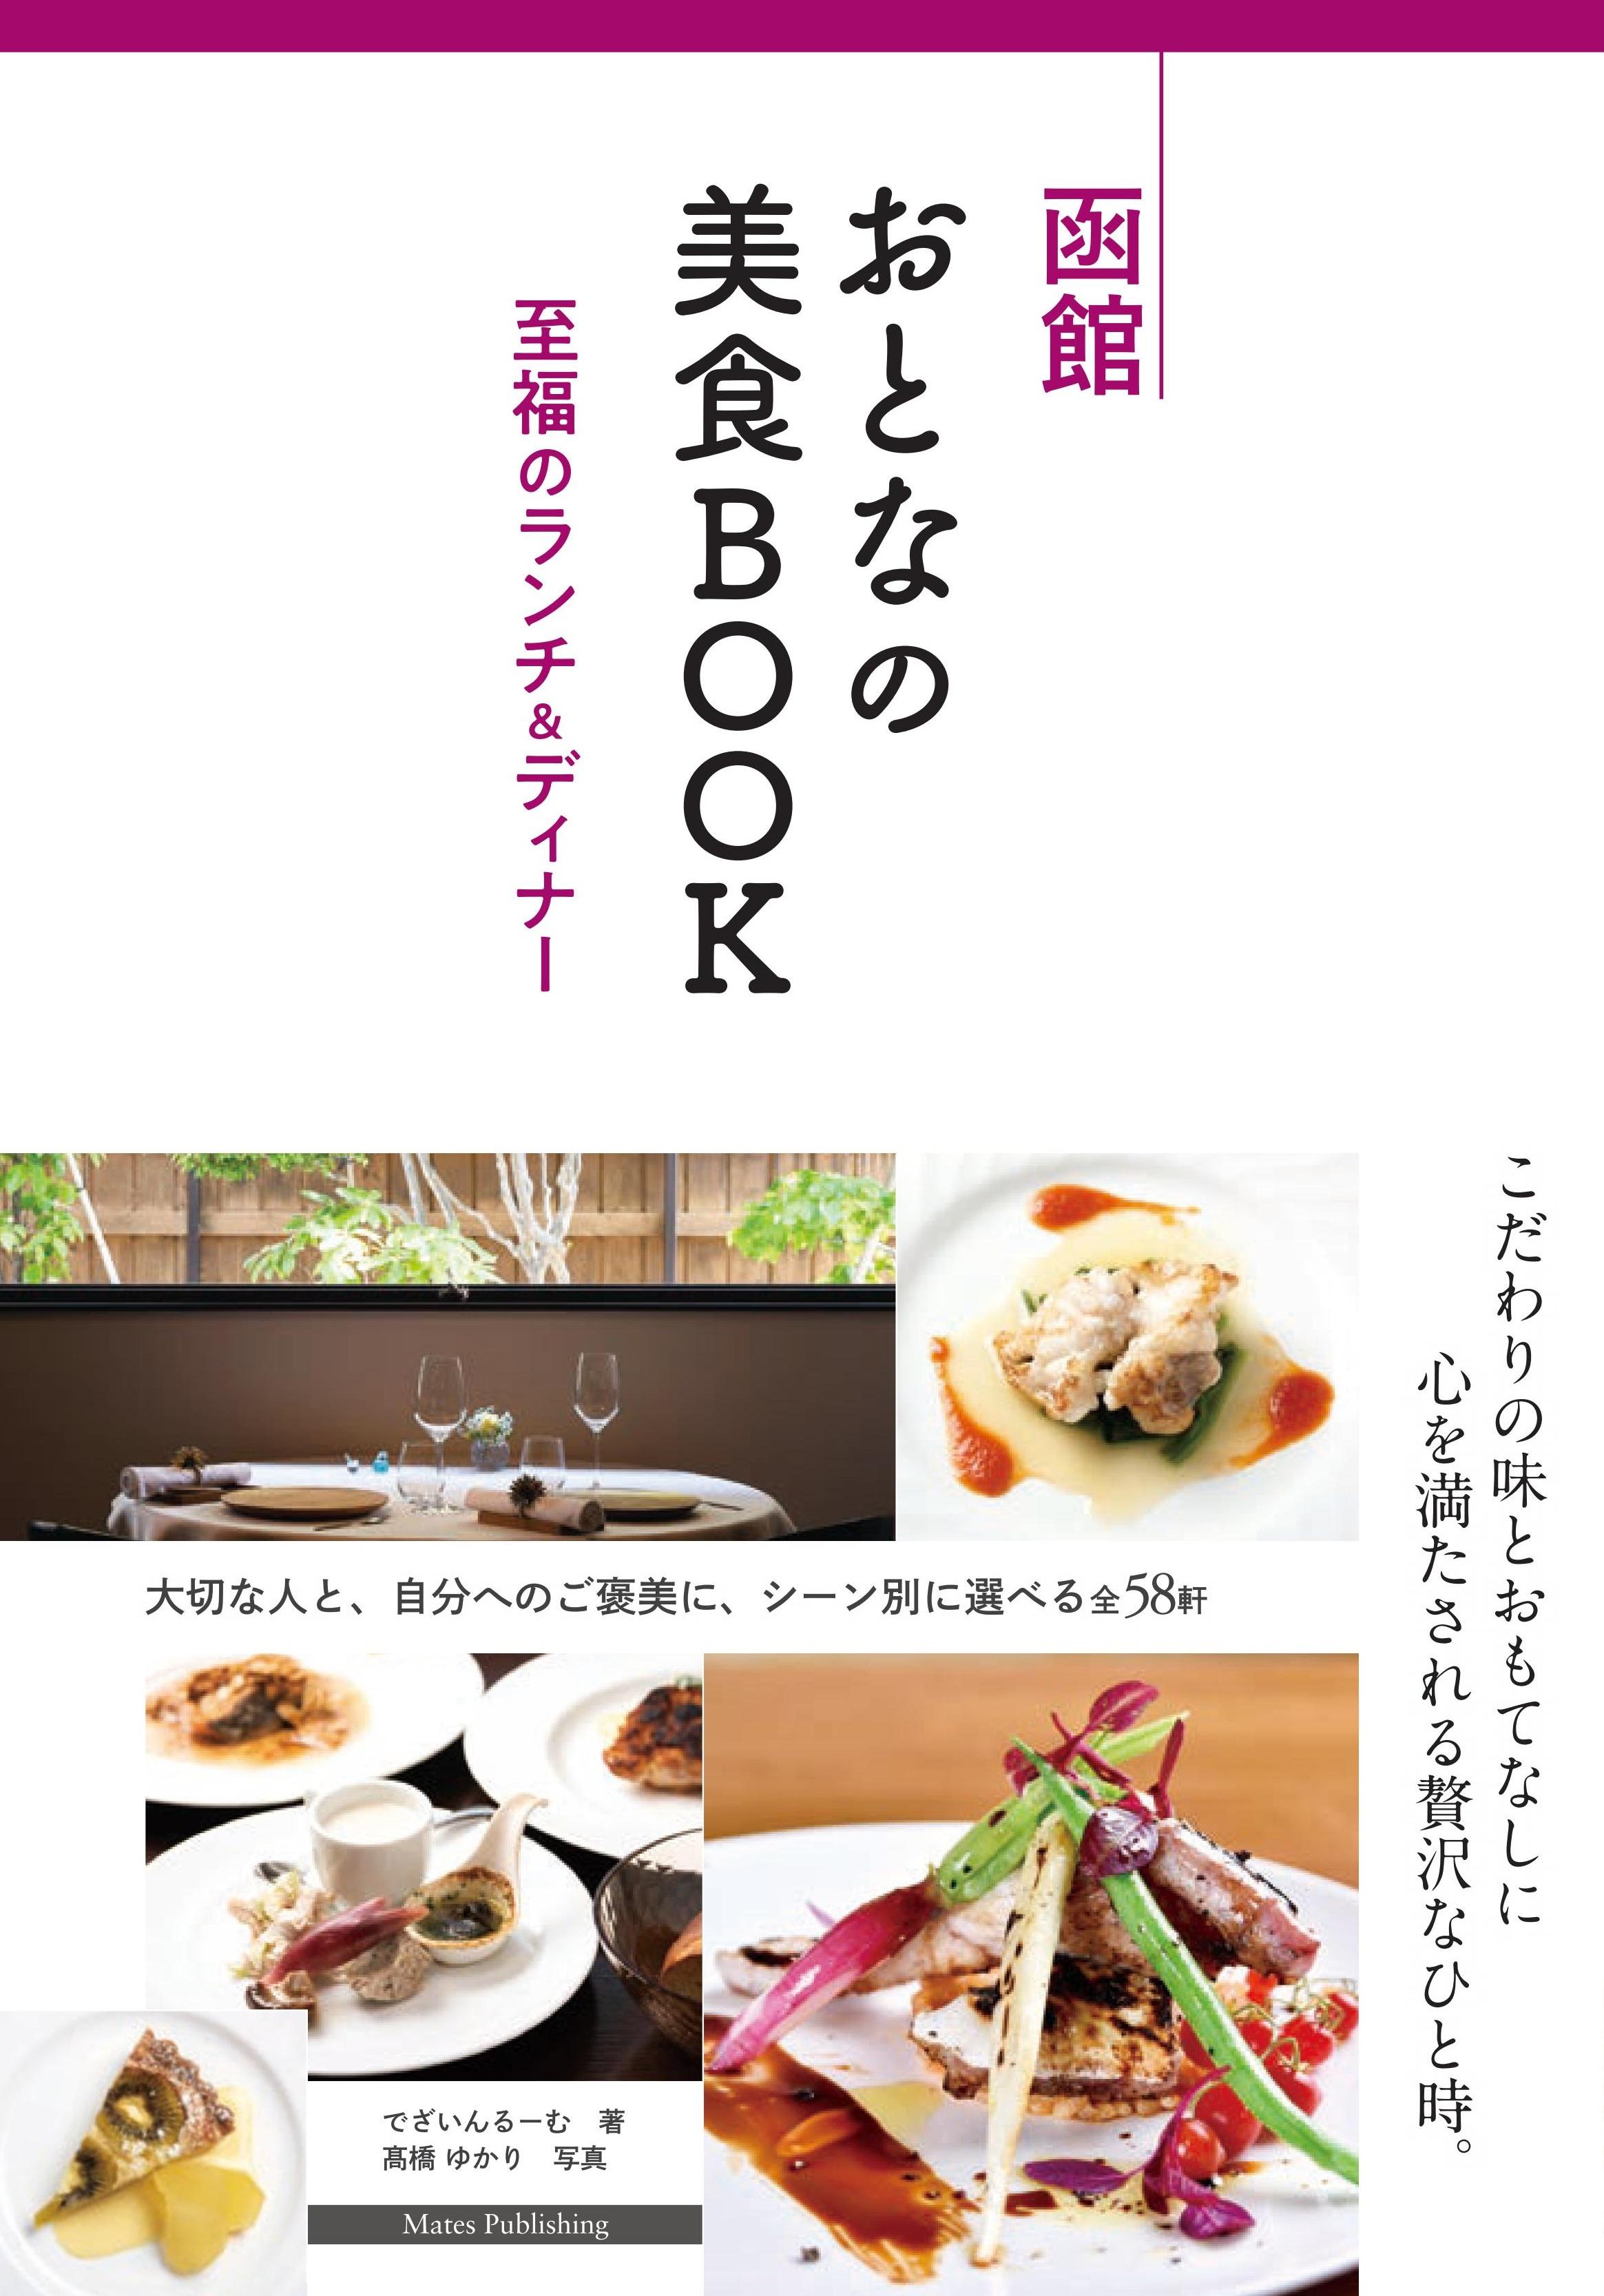 函館 おとなの美食BOOK 至福のランチ&ディナー